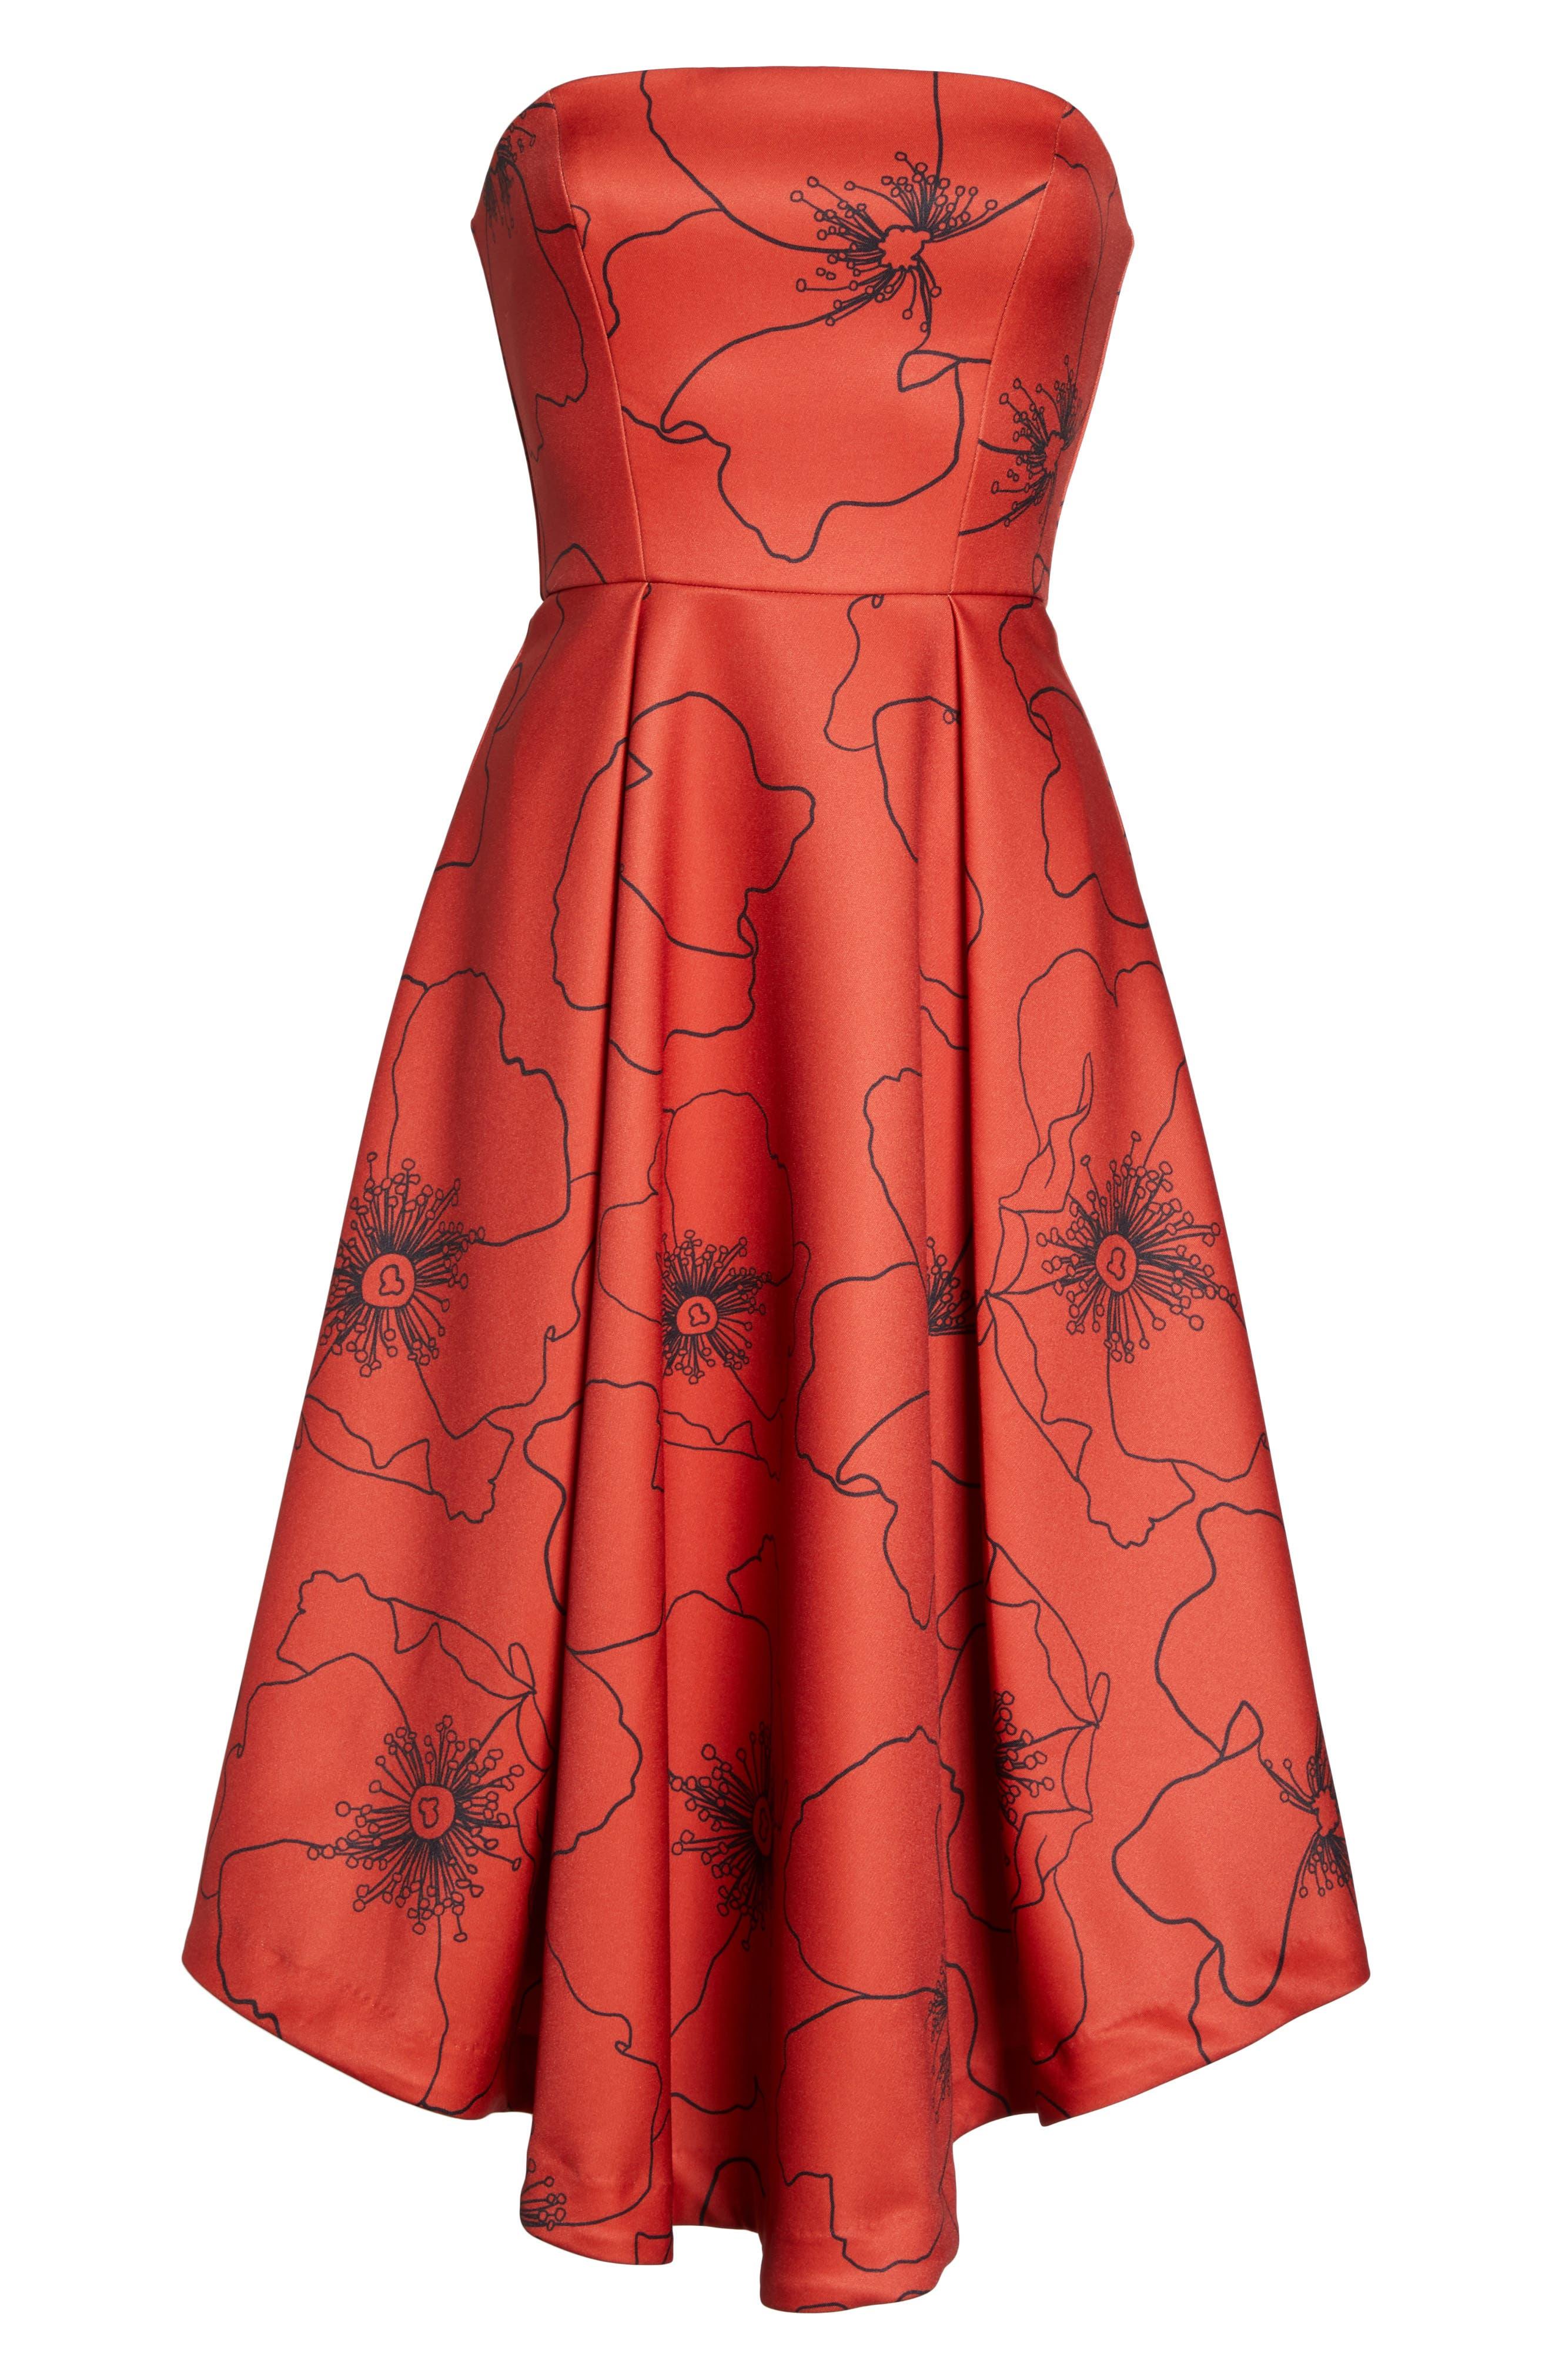 Burnt Fields Strapless Dress,                             Alternate thumbnail 6, color,                             606